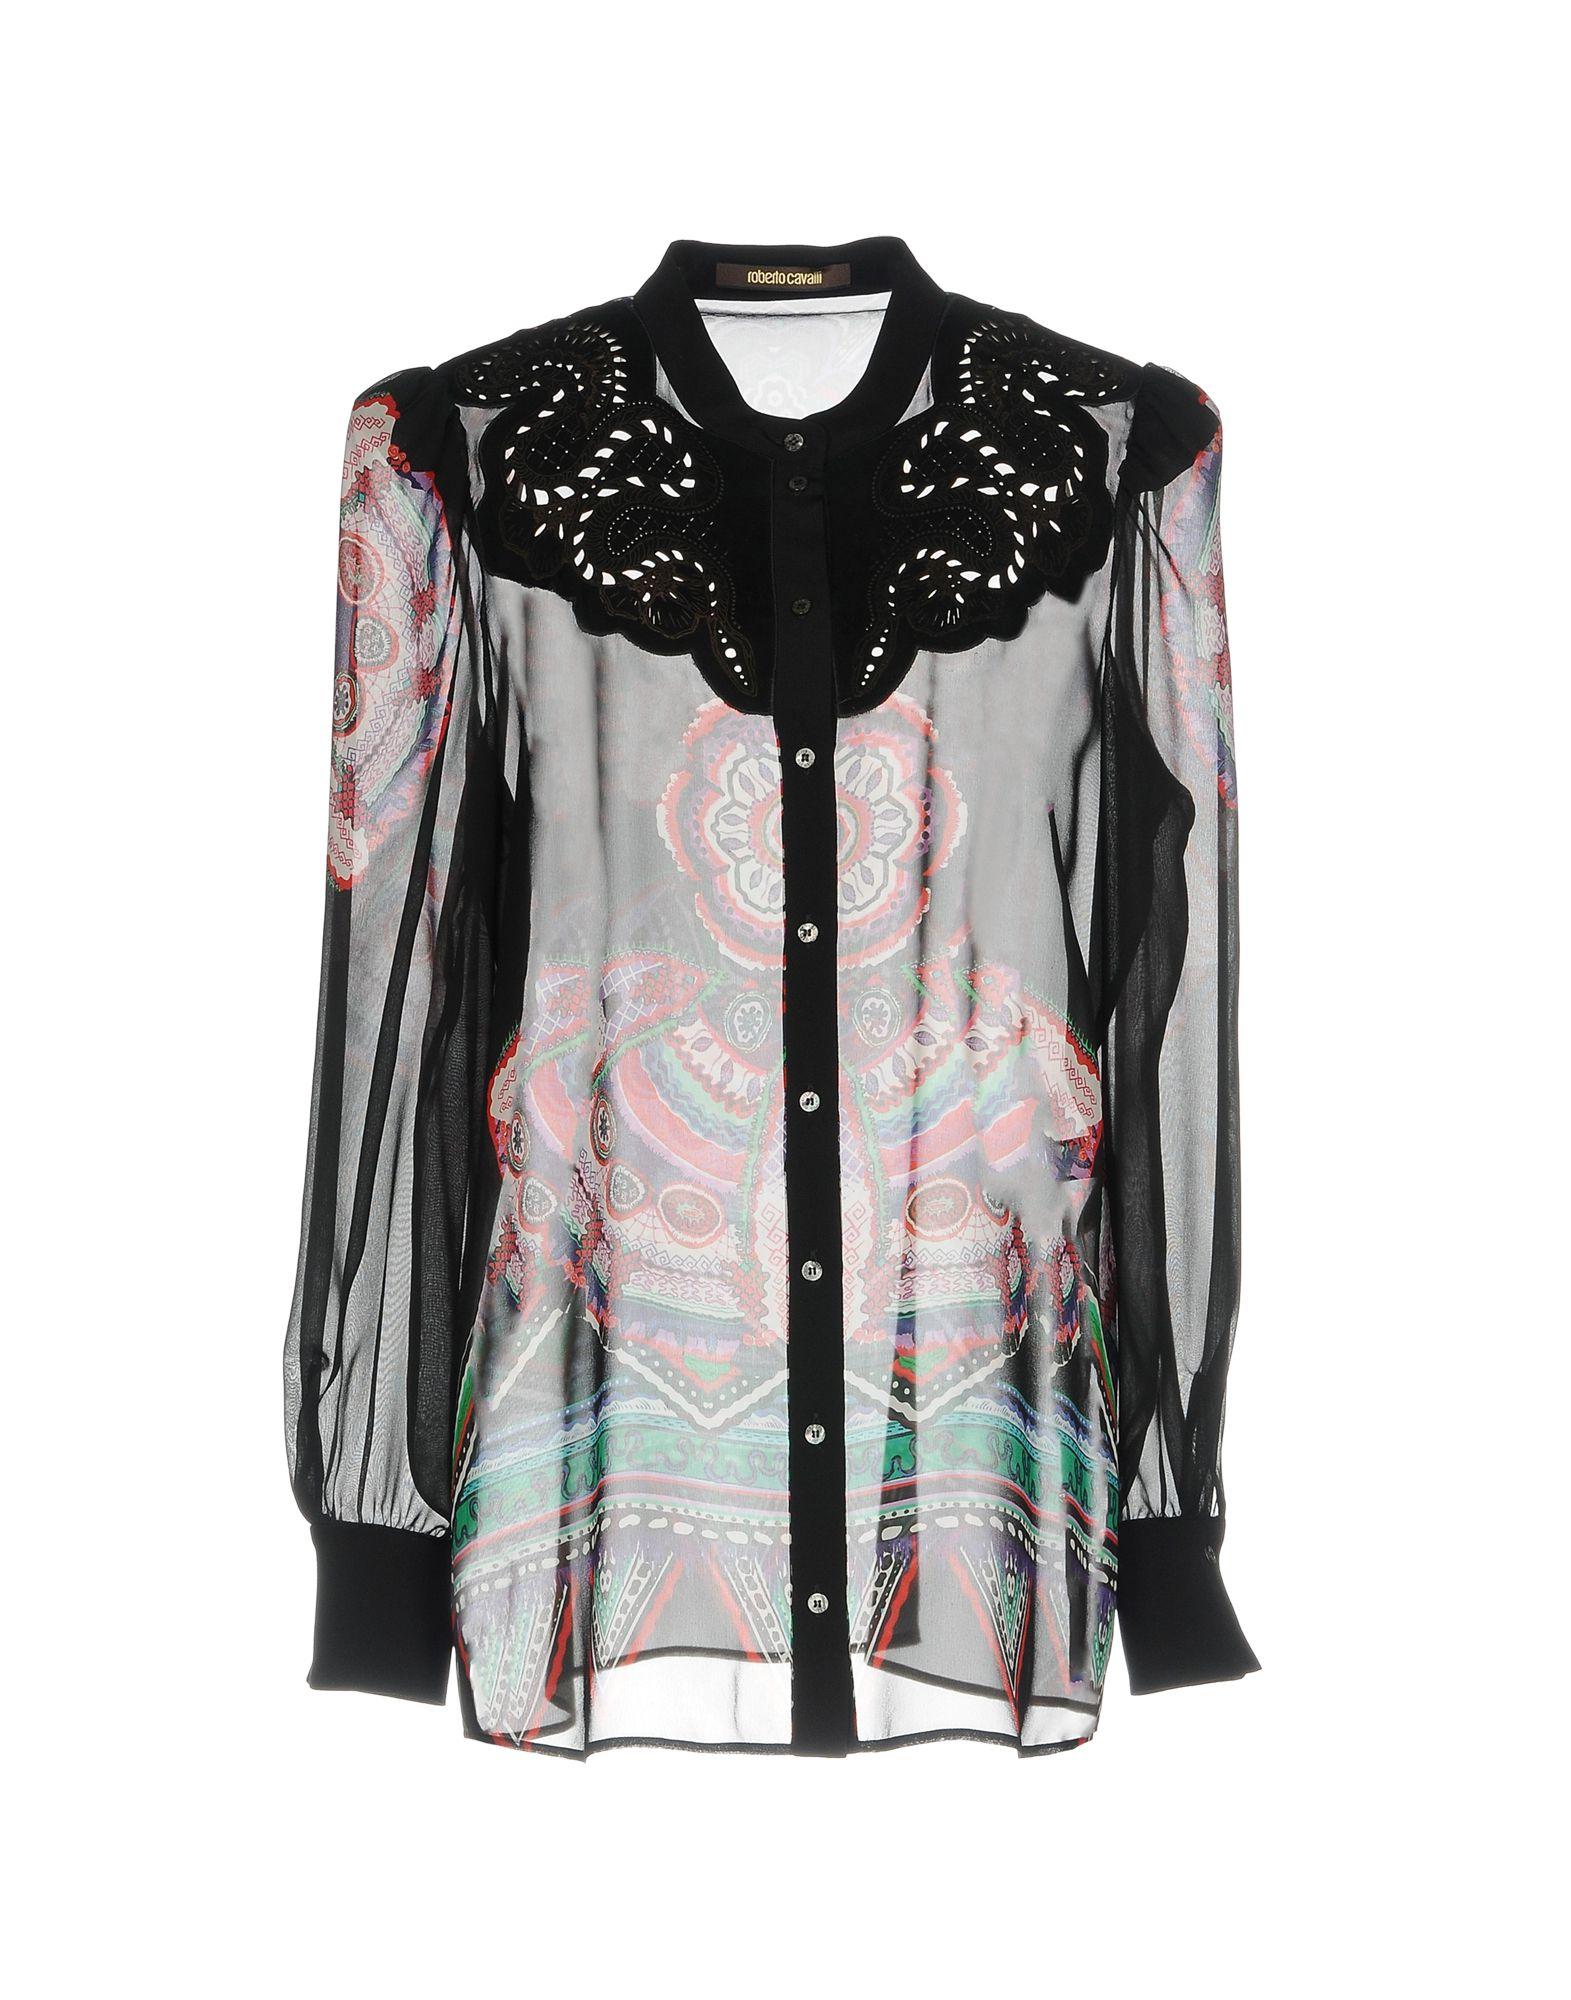 Camicie E Bluse Fantasia Roberto Cavalli Donna - Acquista online su dfNt8x